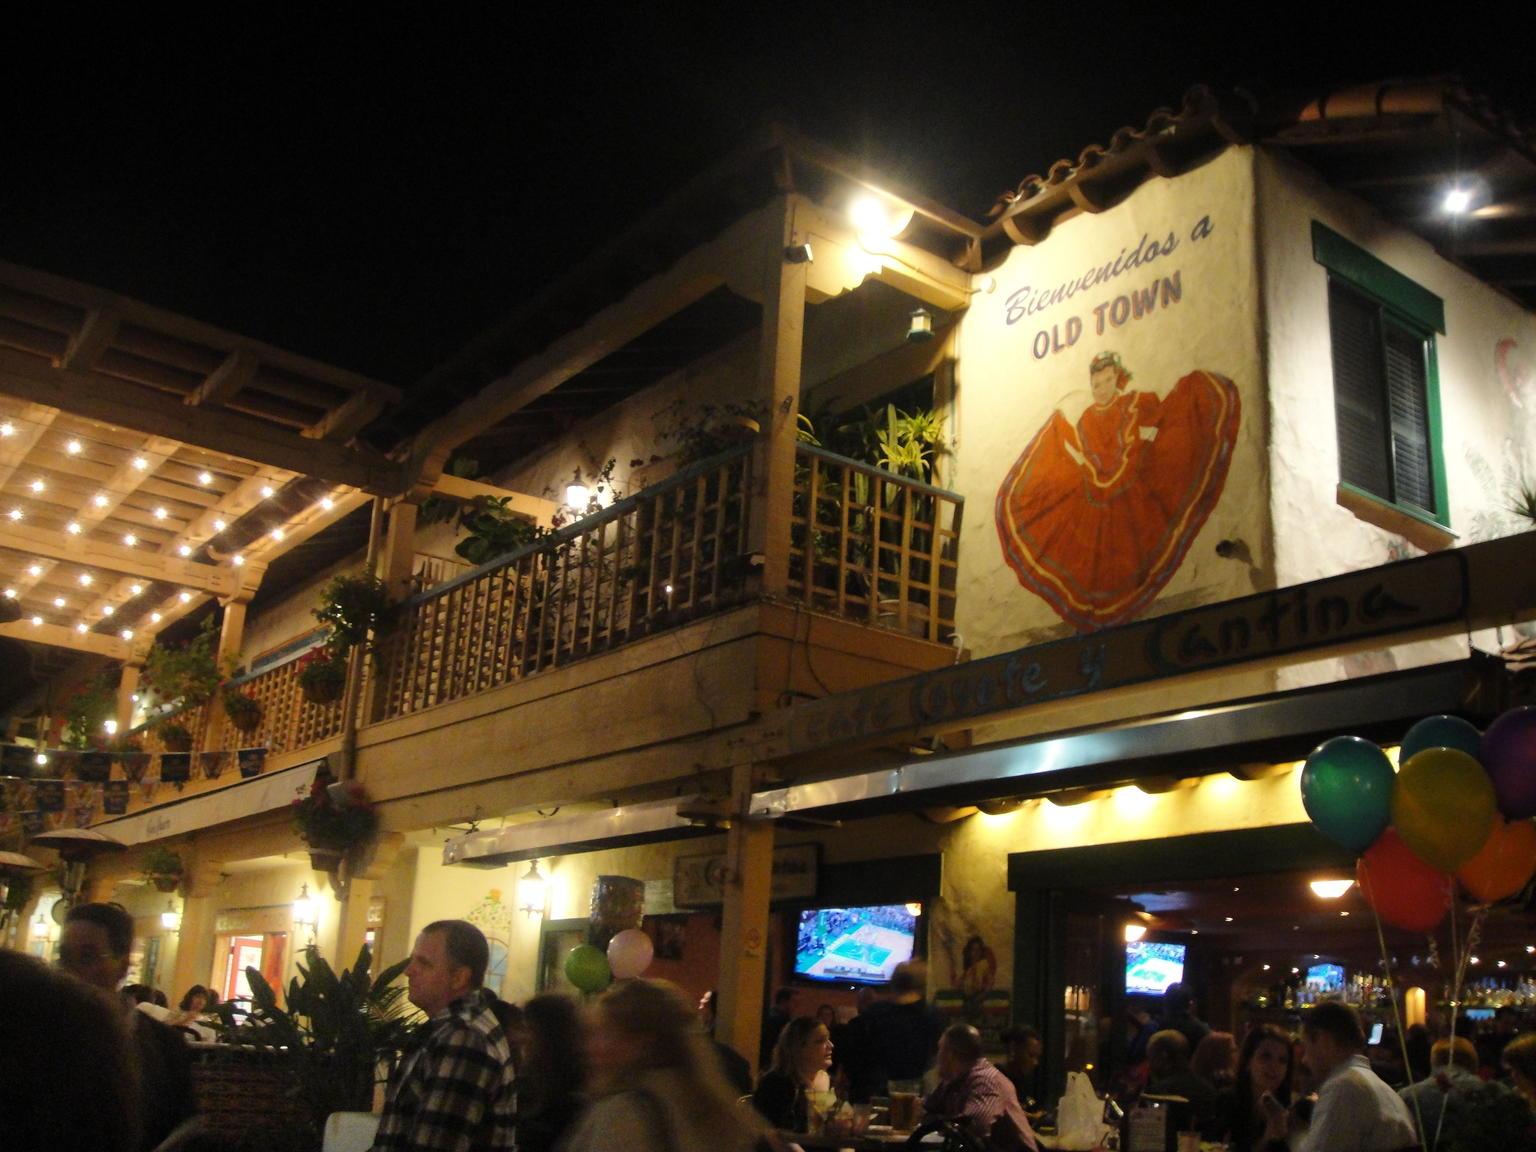 MÁS FOTOS, Excursión culinaria Tequila, tacos y lápidas